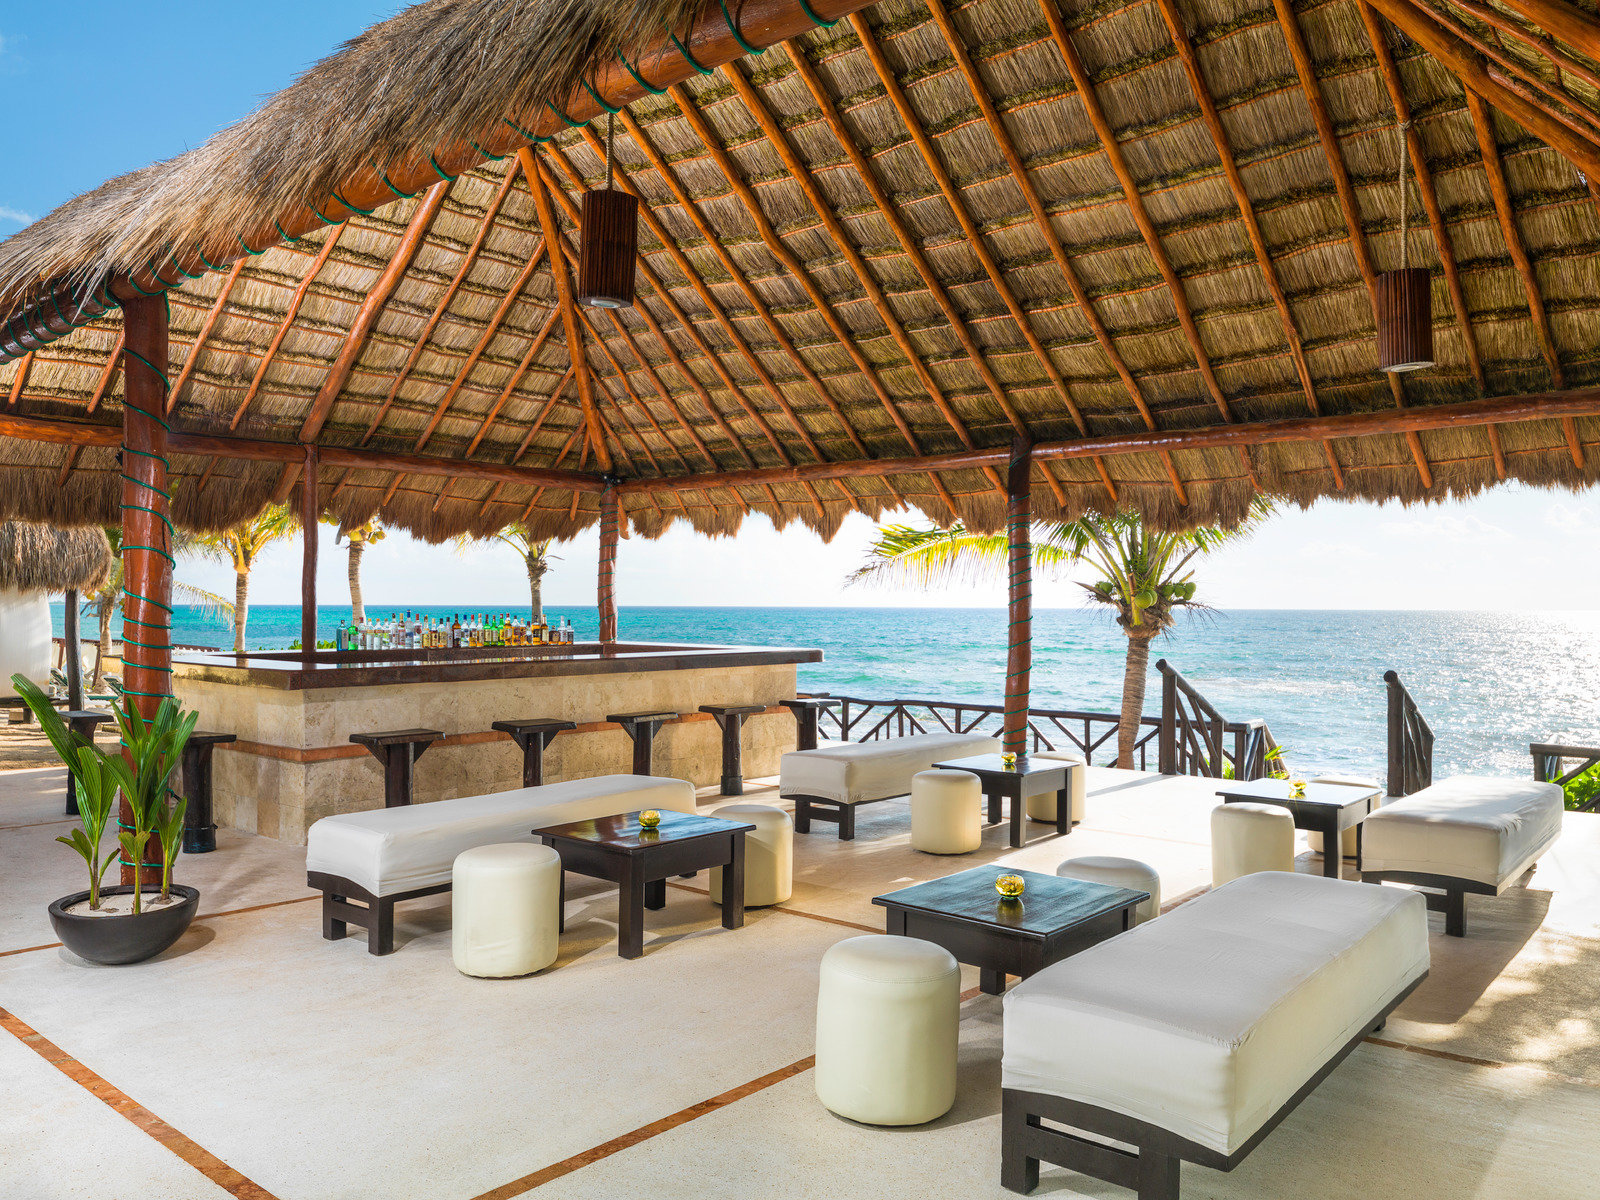 Gaviotas Seashore Bar